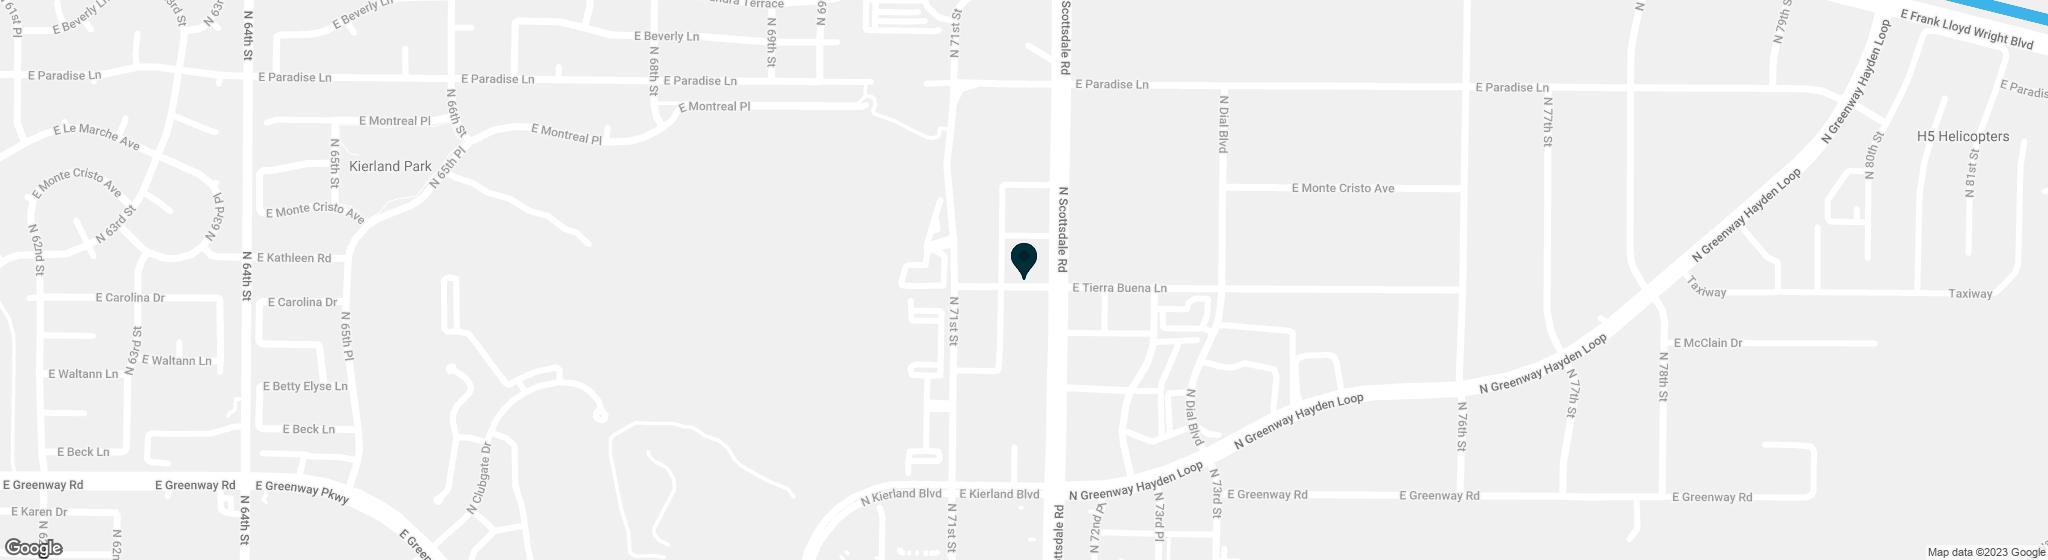 7170 E Tierra Buena Lane #338 Scottsdale AZ 85254